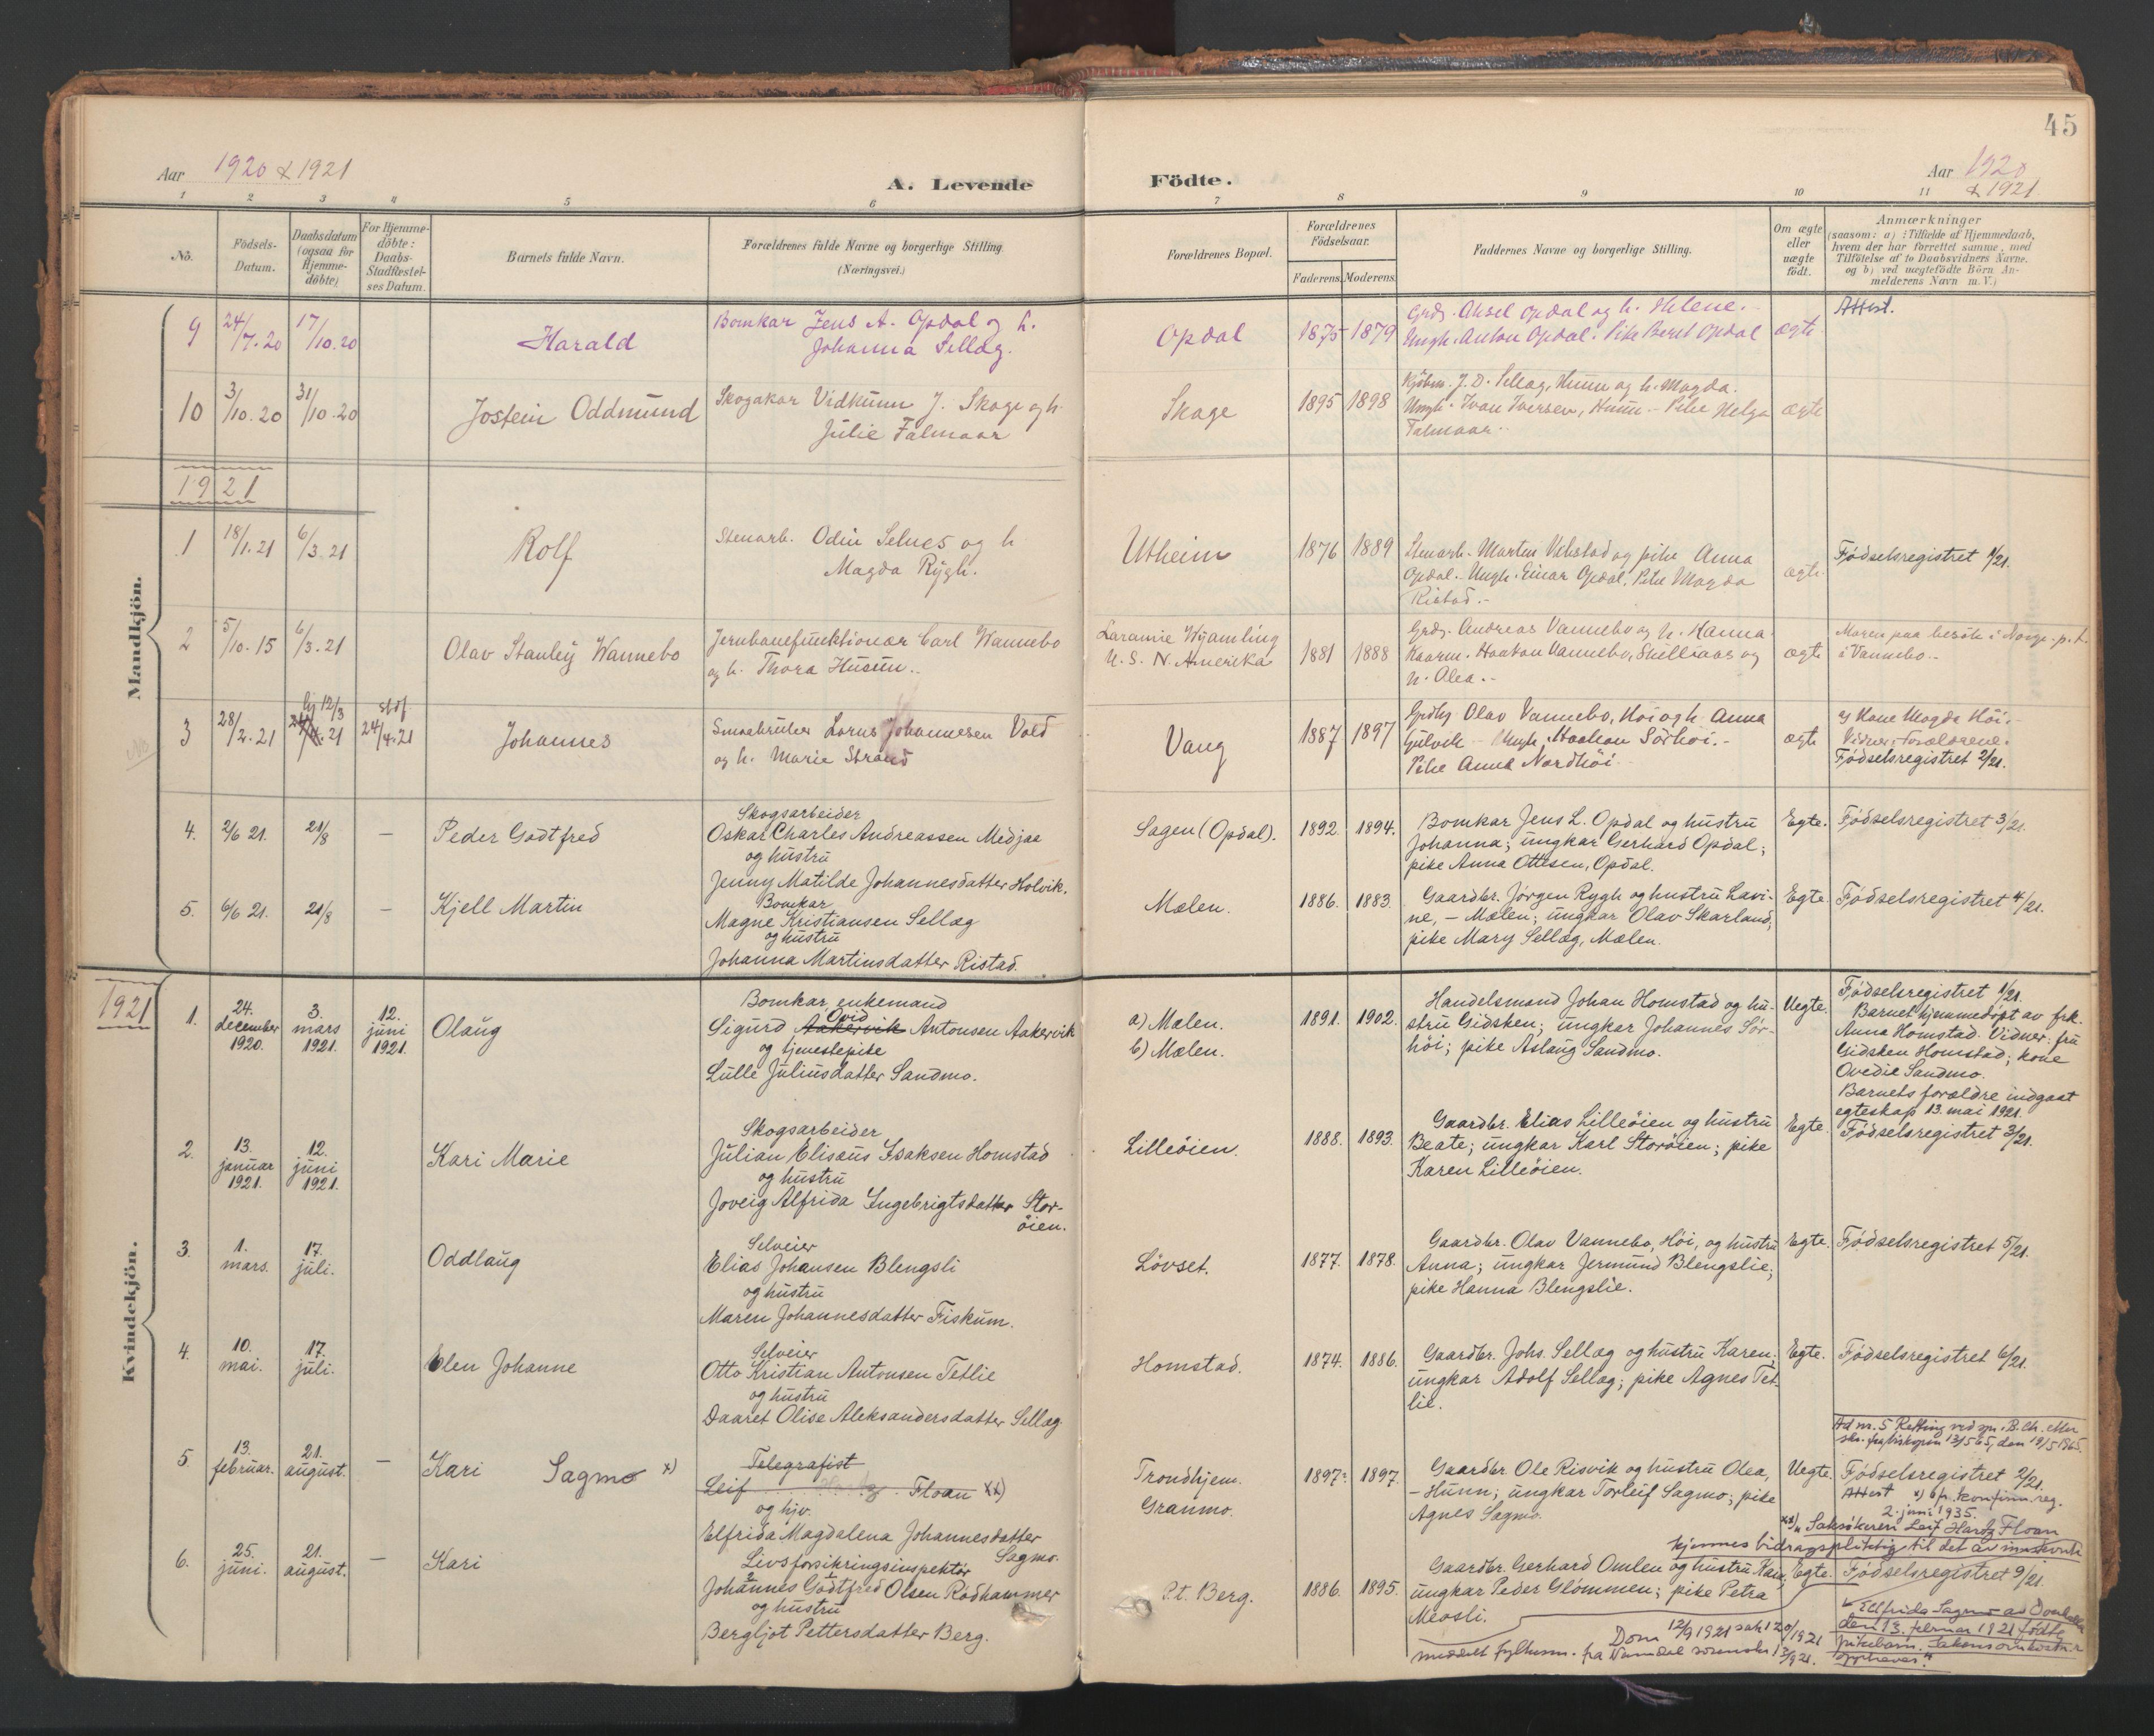 SAT, Ministerialprotokoller, klokkerbøker og fødselsregistre - Nord-Trøndelag, 766/L0564: Ministerialbok nr. 767A02, 1900-1932, s. 45